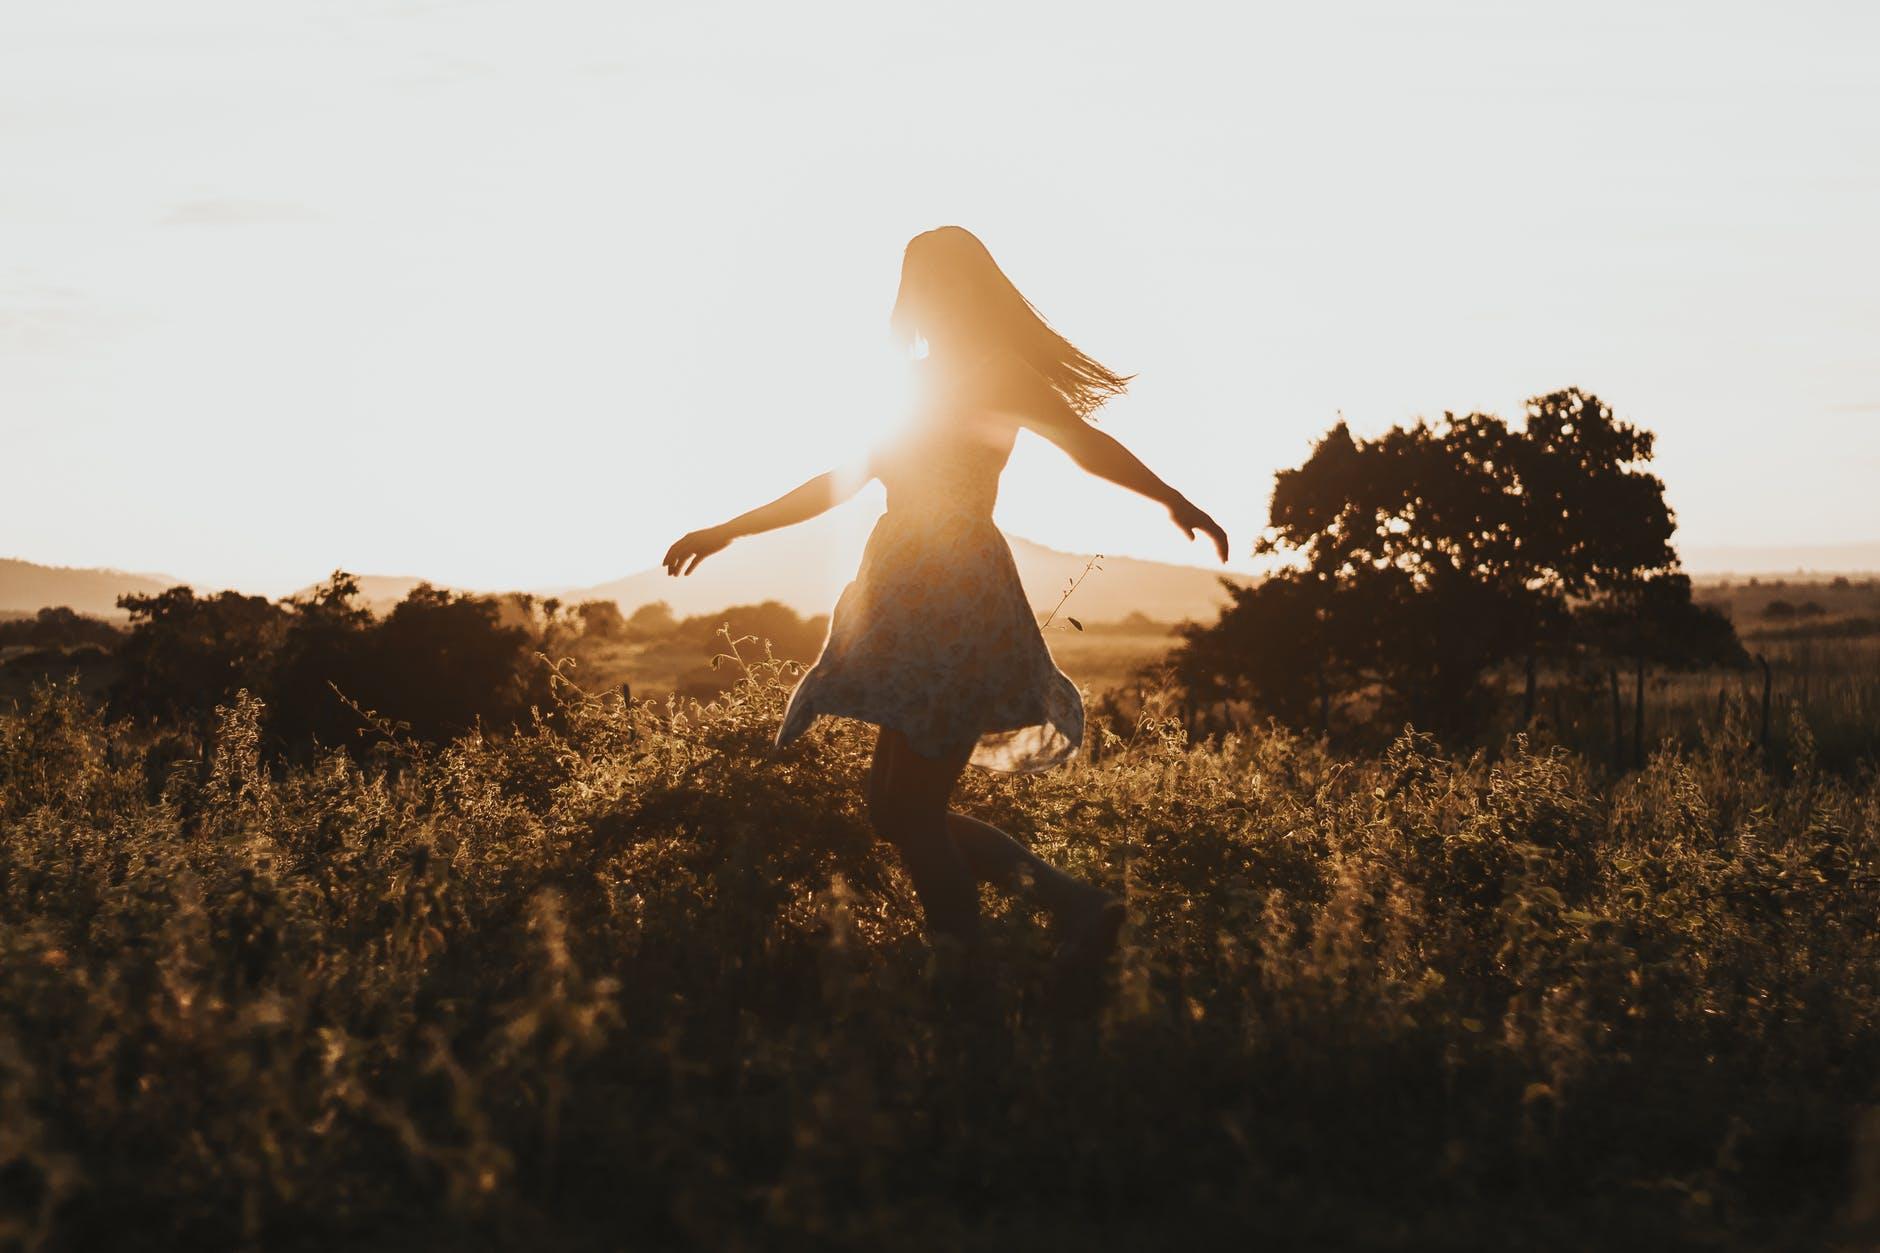 Frau im Sonnenuntergang auf einer Wiese tanzend